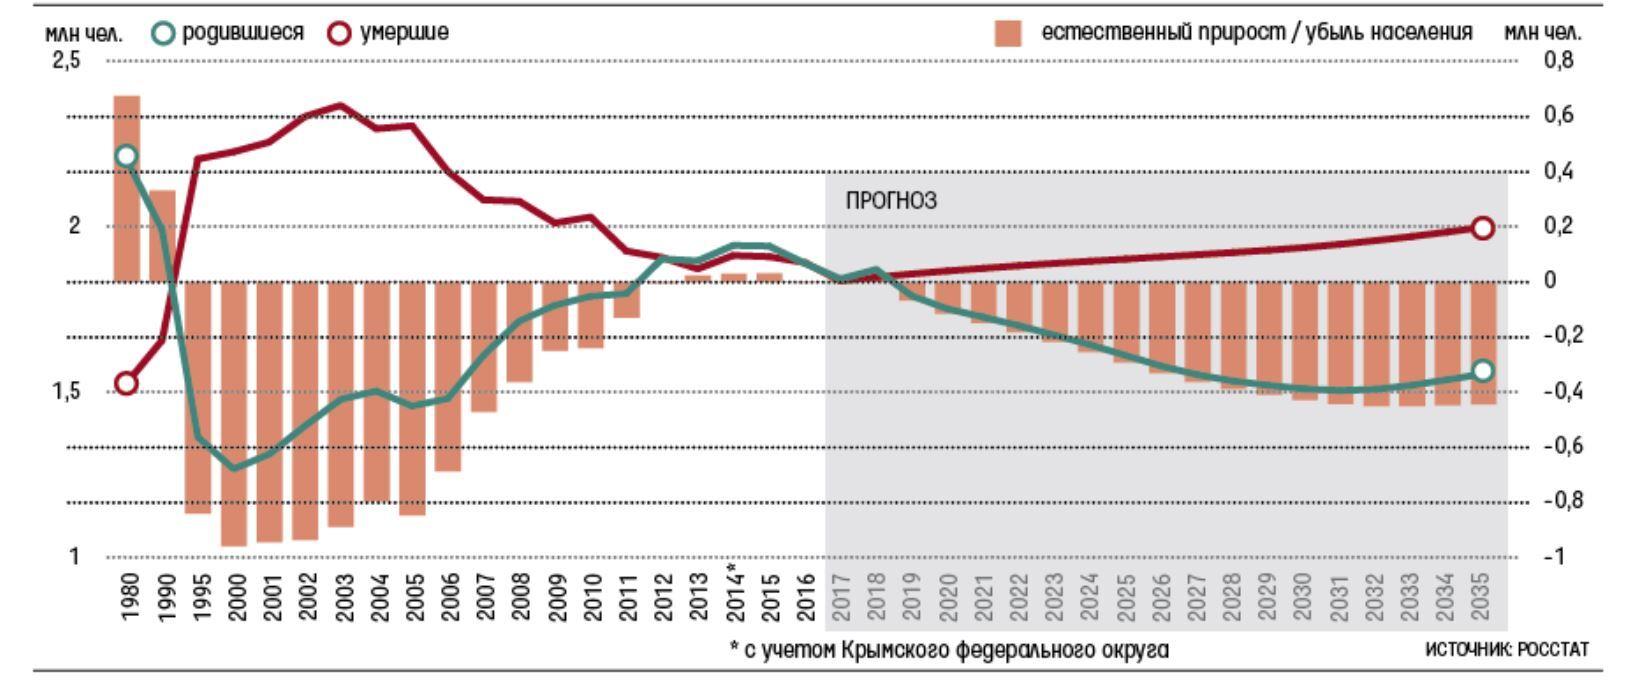 Трудоспособное и нетрудоспособное население РФ